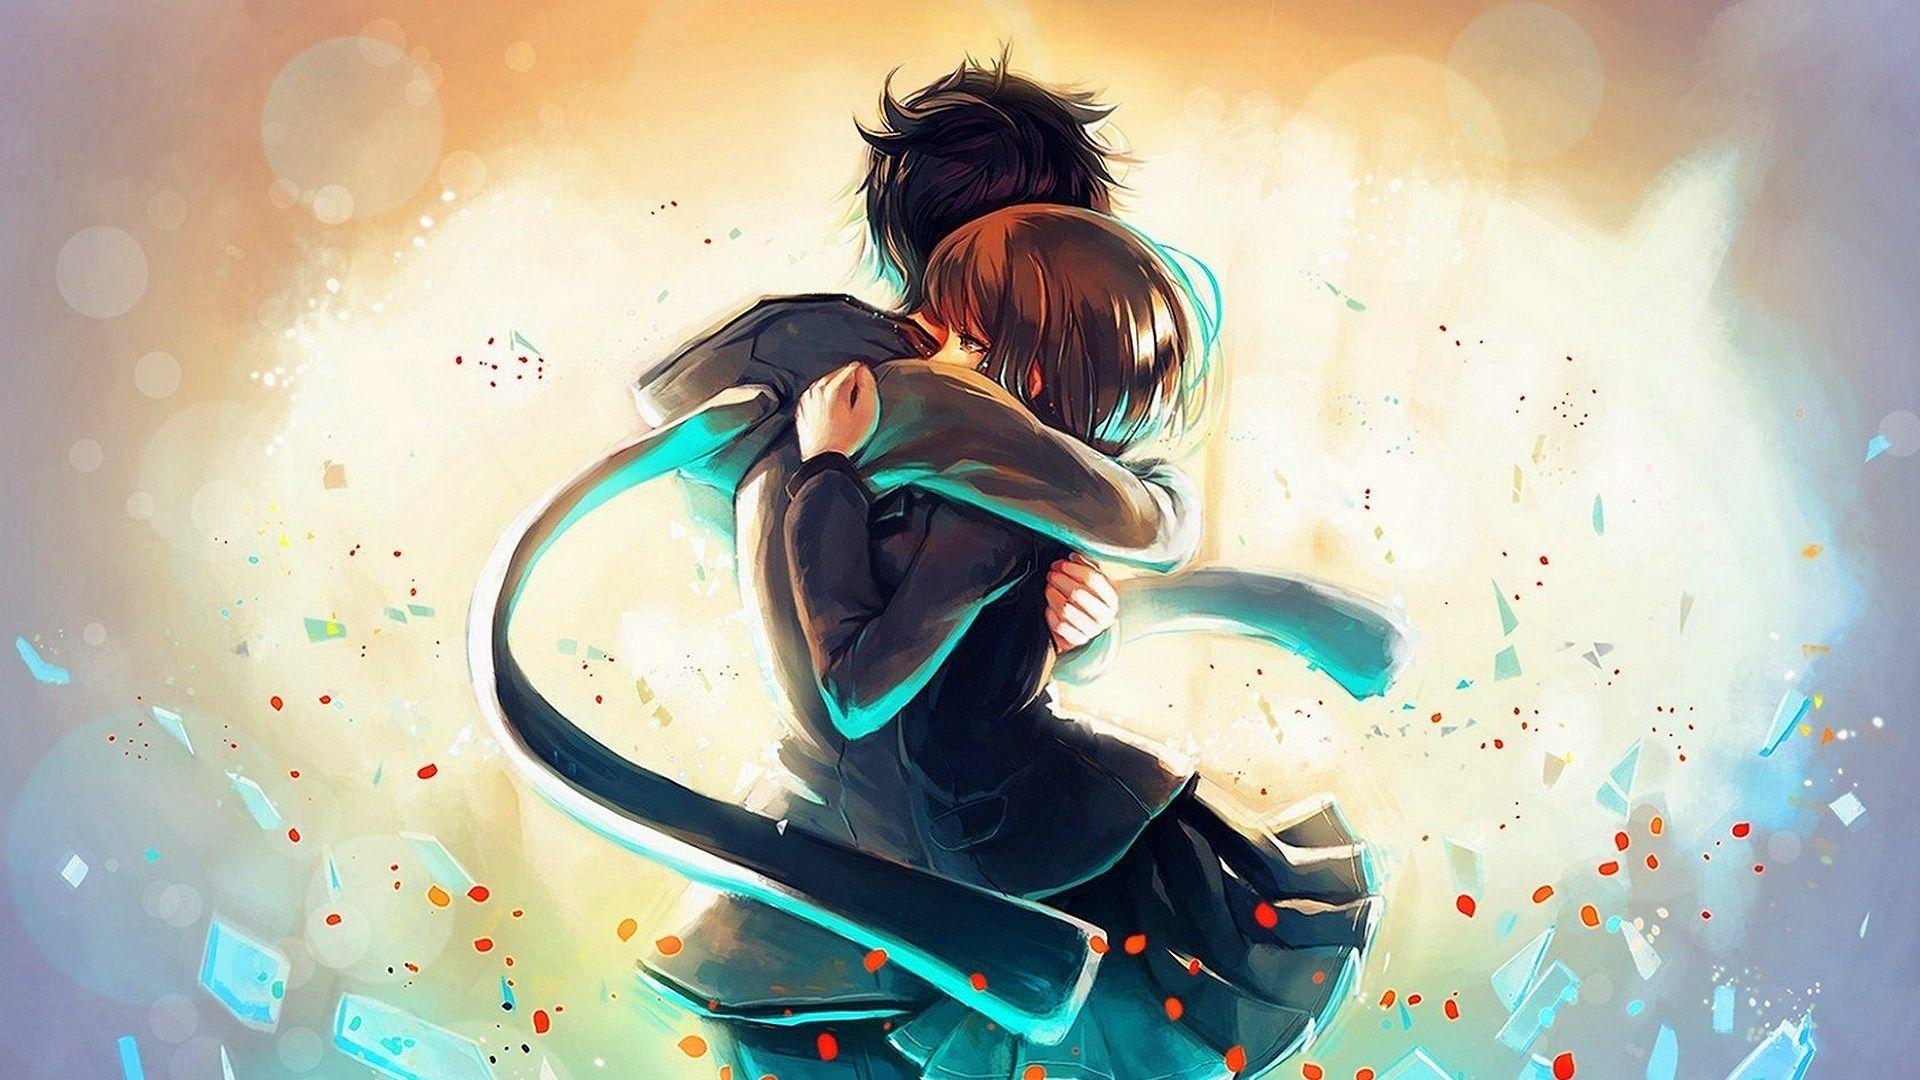 Anime Boy Girl Hug 1920x1080 Wallpaper Ololoshenka Pinterest